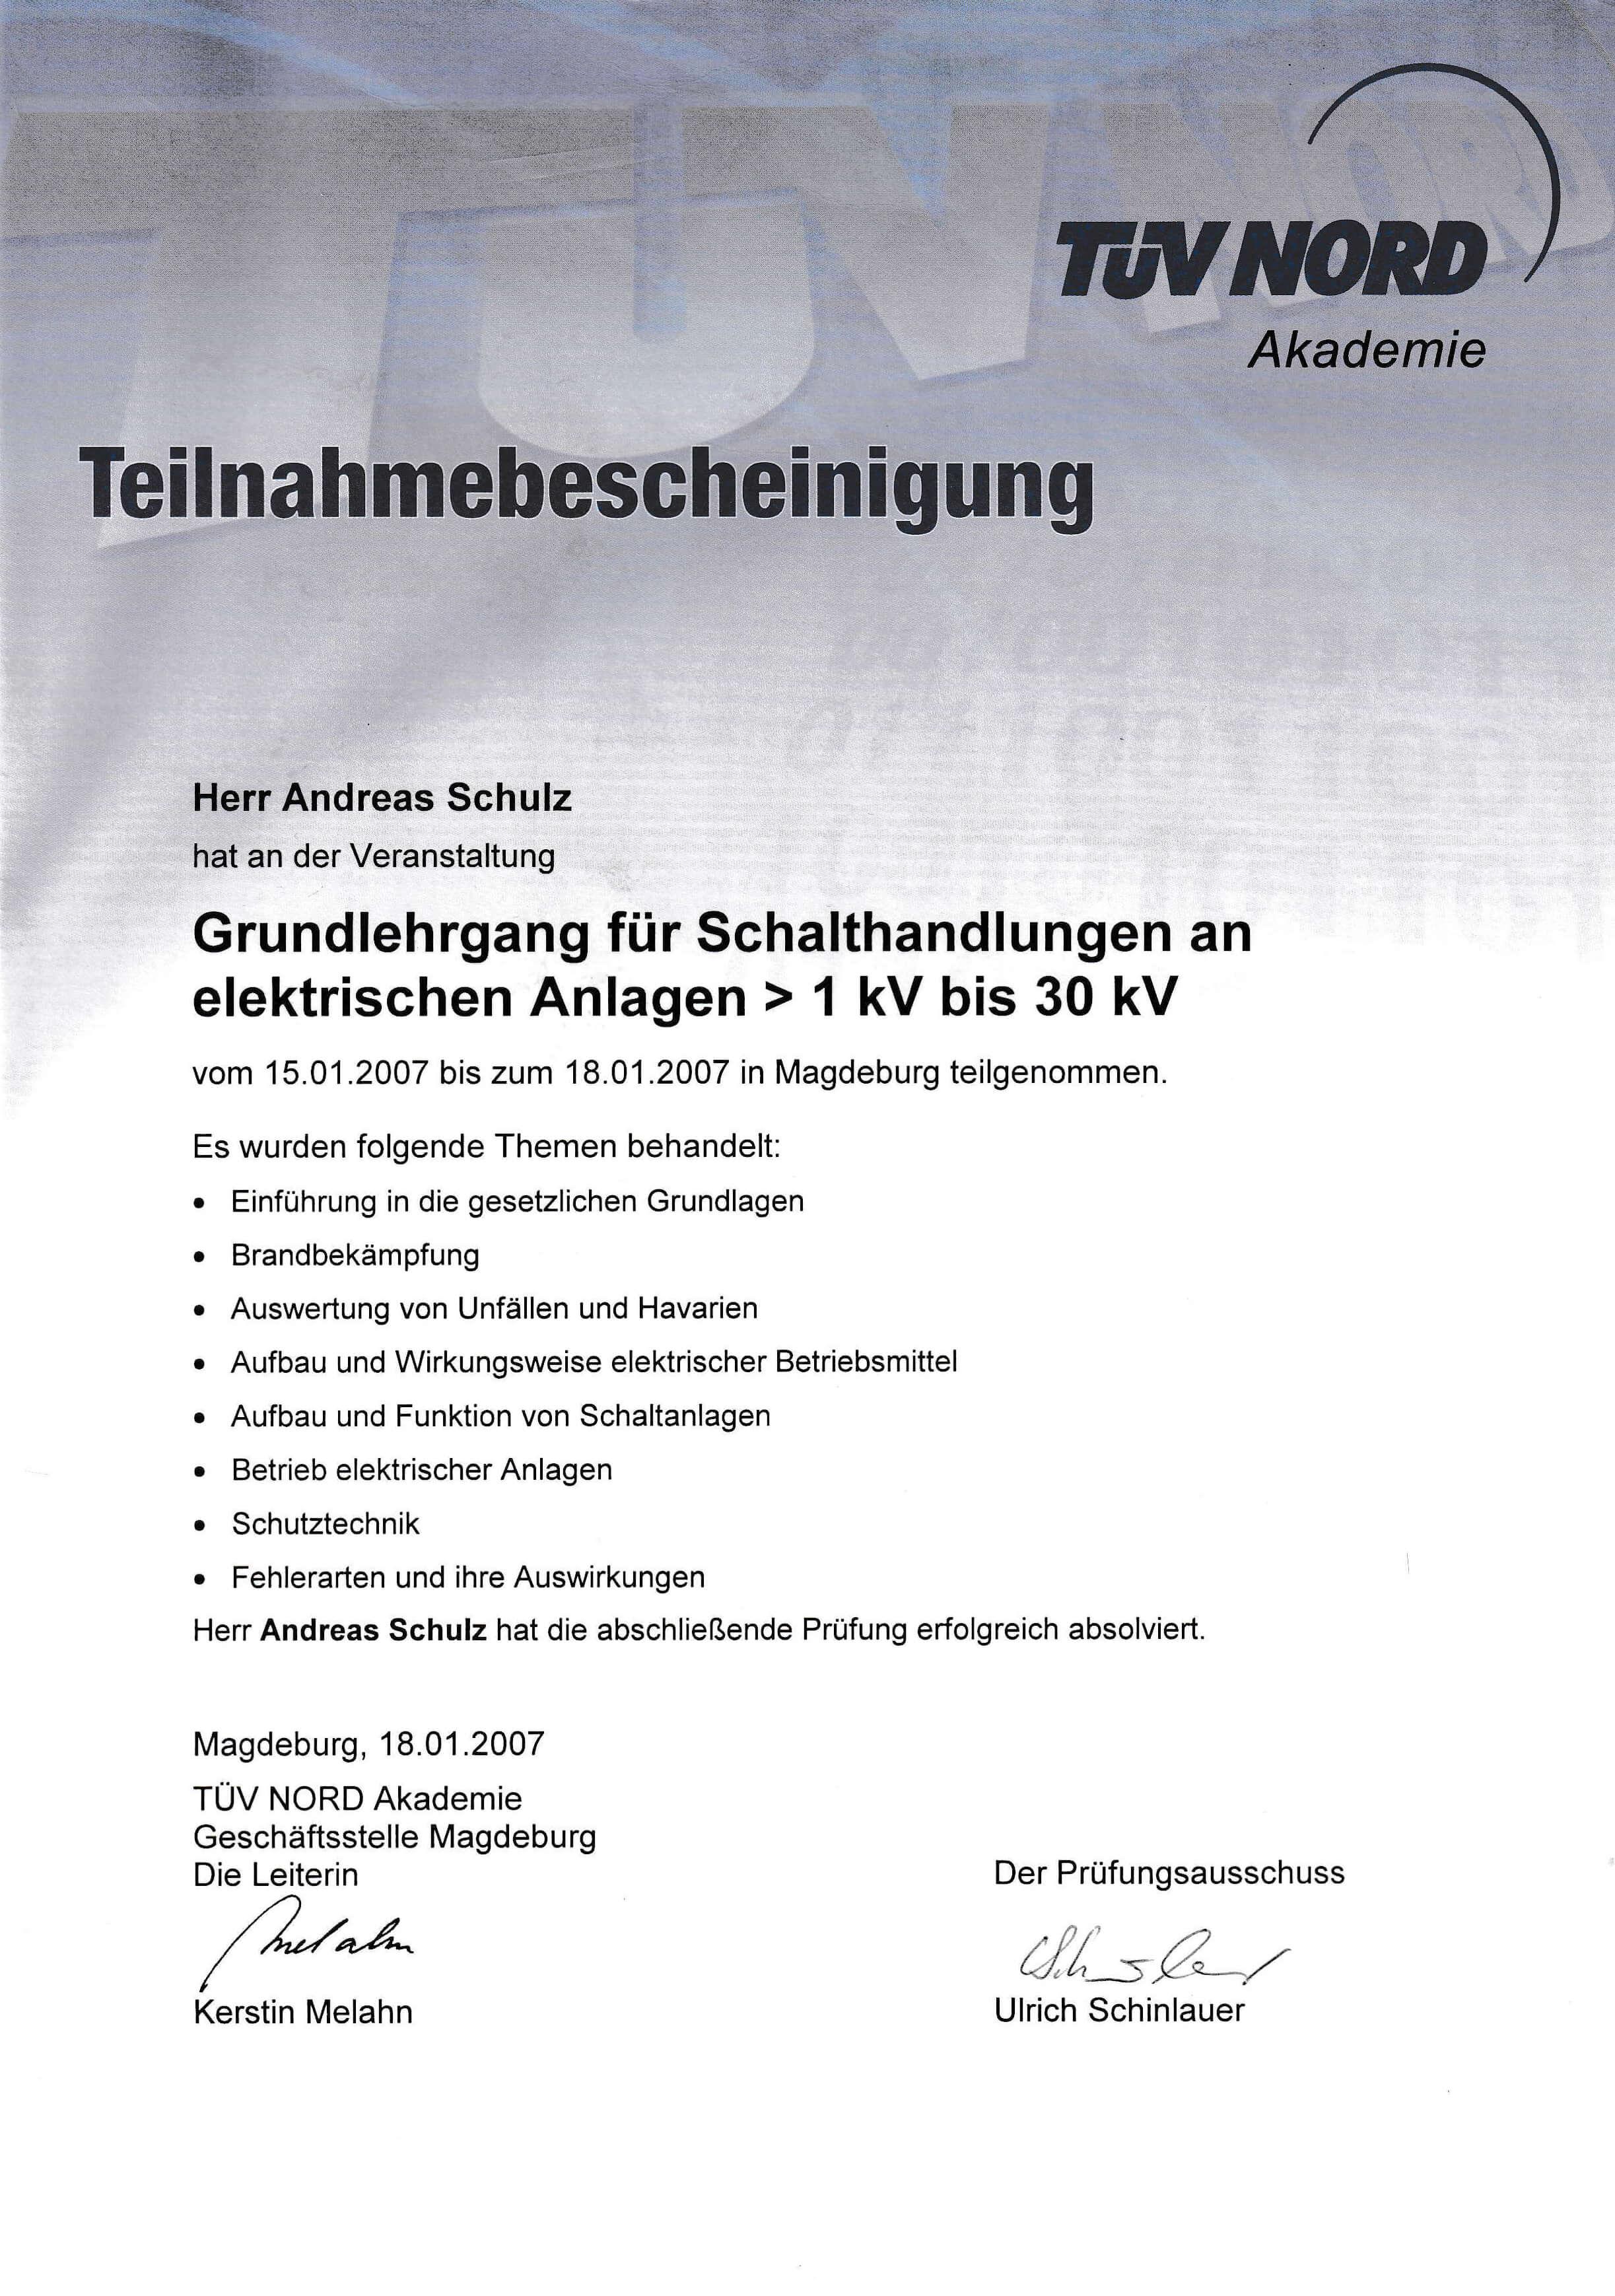 TÜV Nord Zertifikat über den Schalthandlungen an elektrischen Anlagen | IBAS Industrieberatung